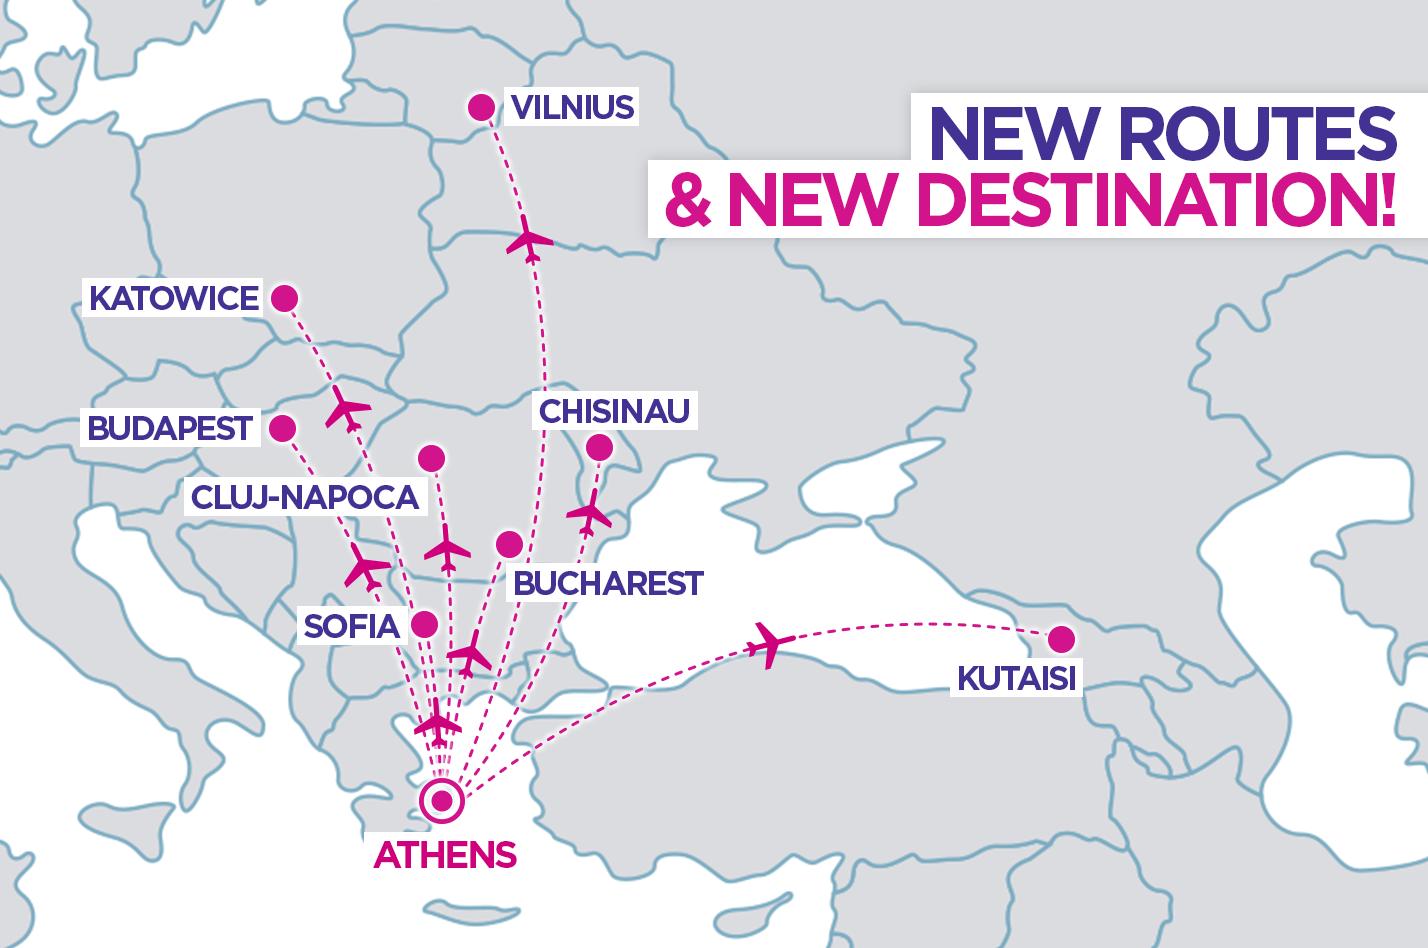 Ottime notizie!Dalla prossima primavera voleremo anche nella bella Atene da 8 città europee: Bucarest, Cluj-Napoca, Budapest, Sofia, Kutaisi, Katowice, Vilnius e Chisinau!